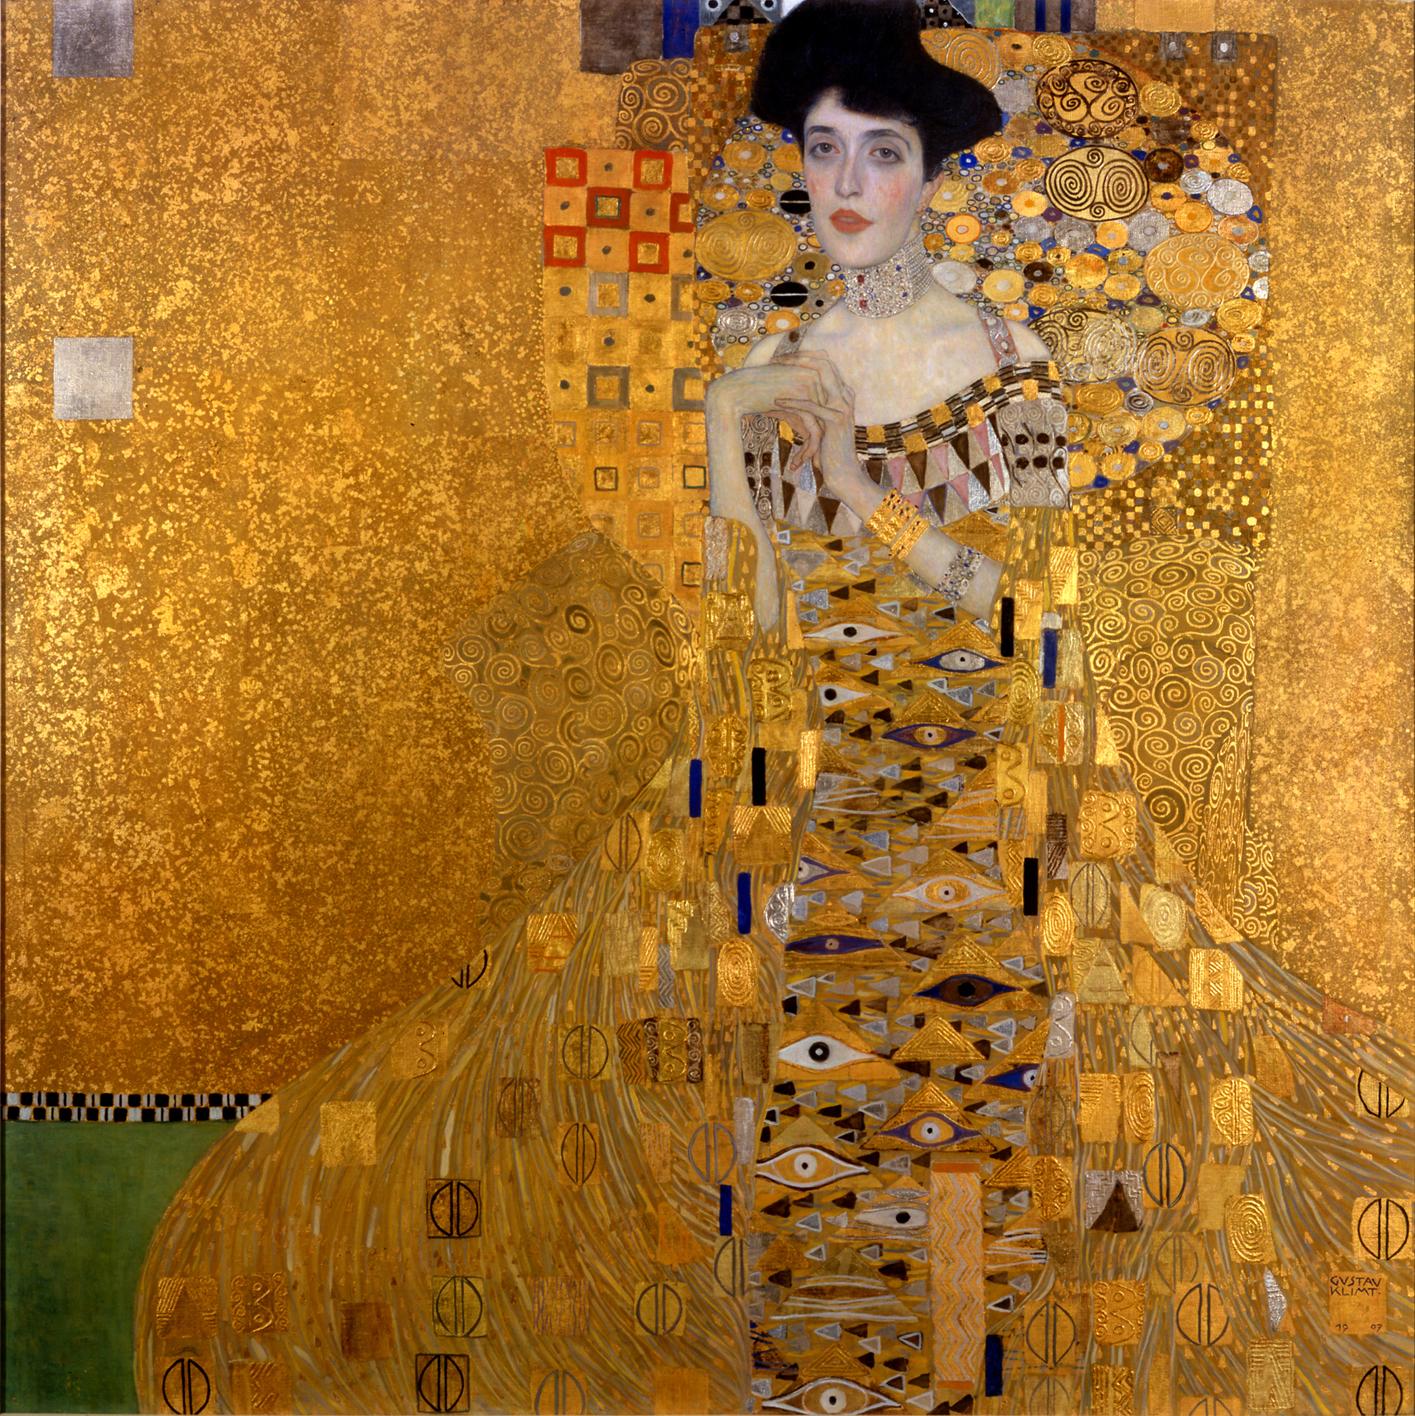 6 Gustav_Klimt portrait of adele bloch-bauer.jpg